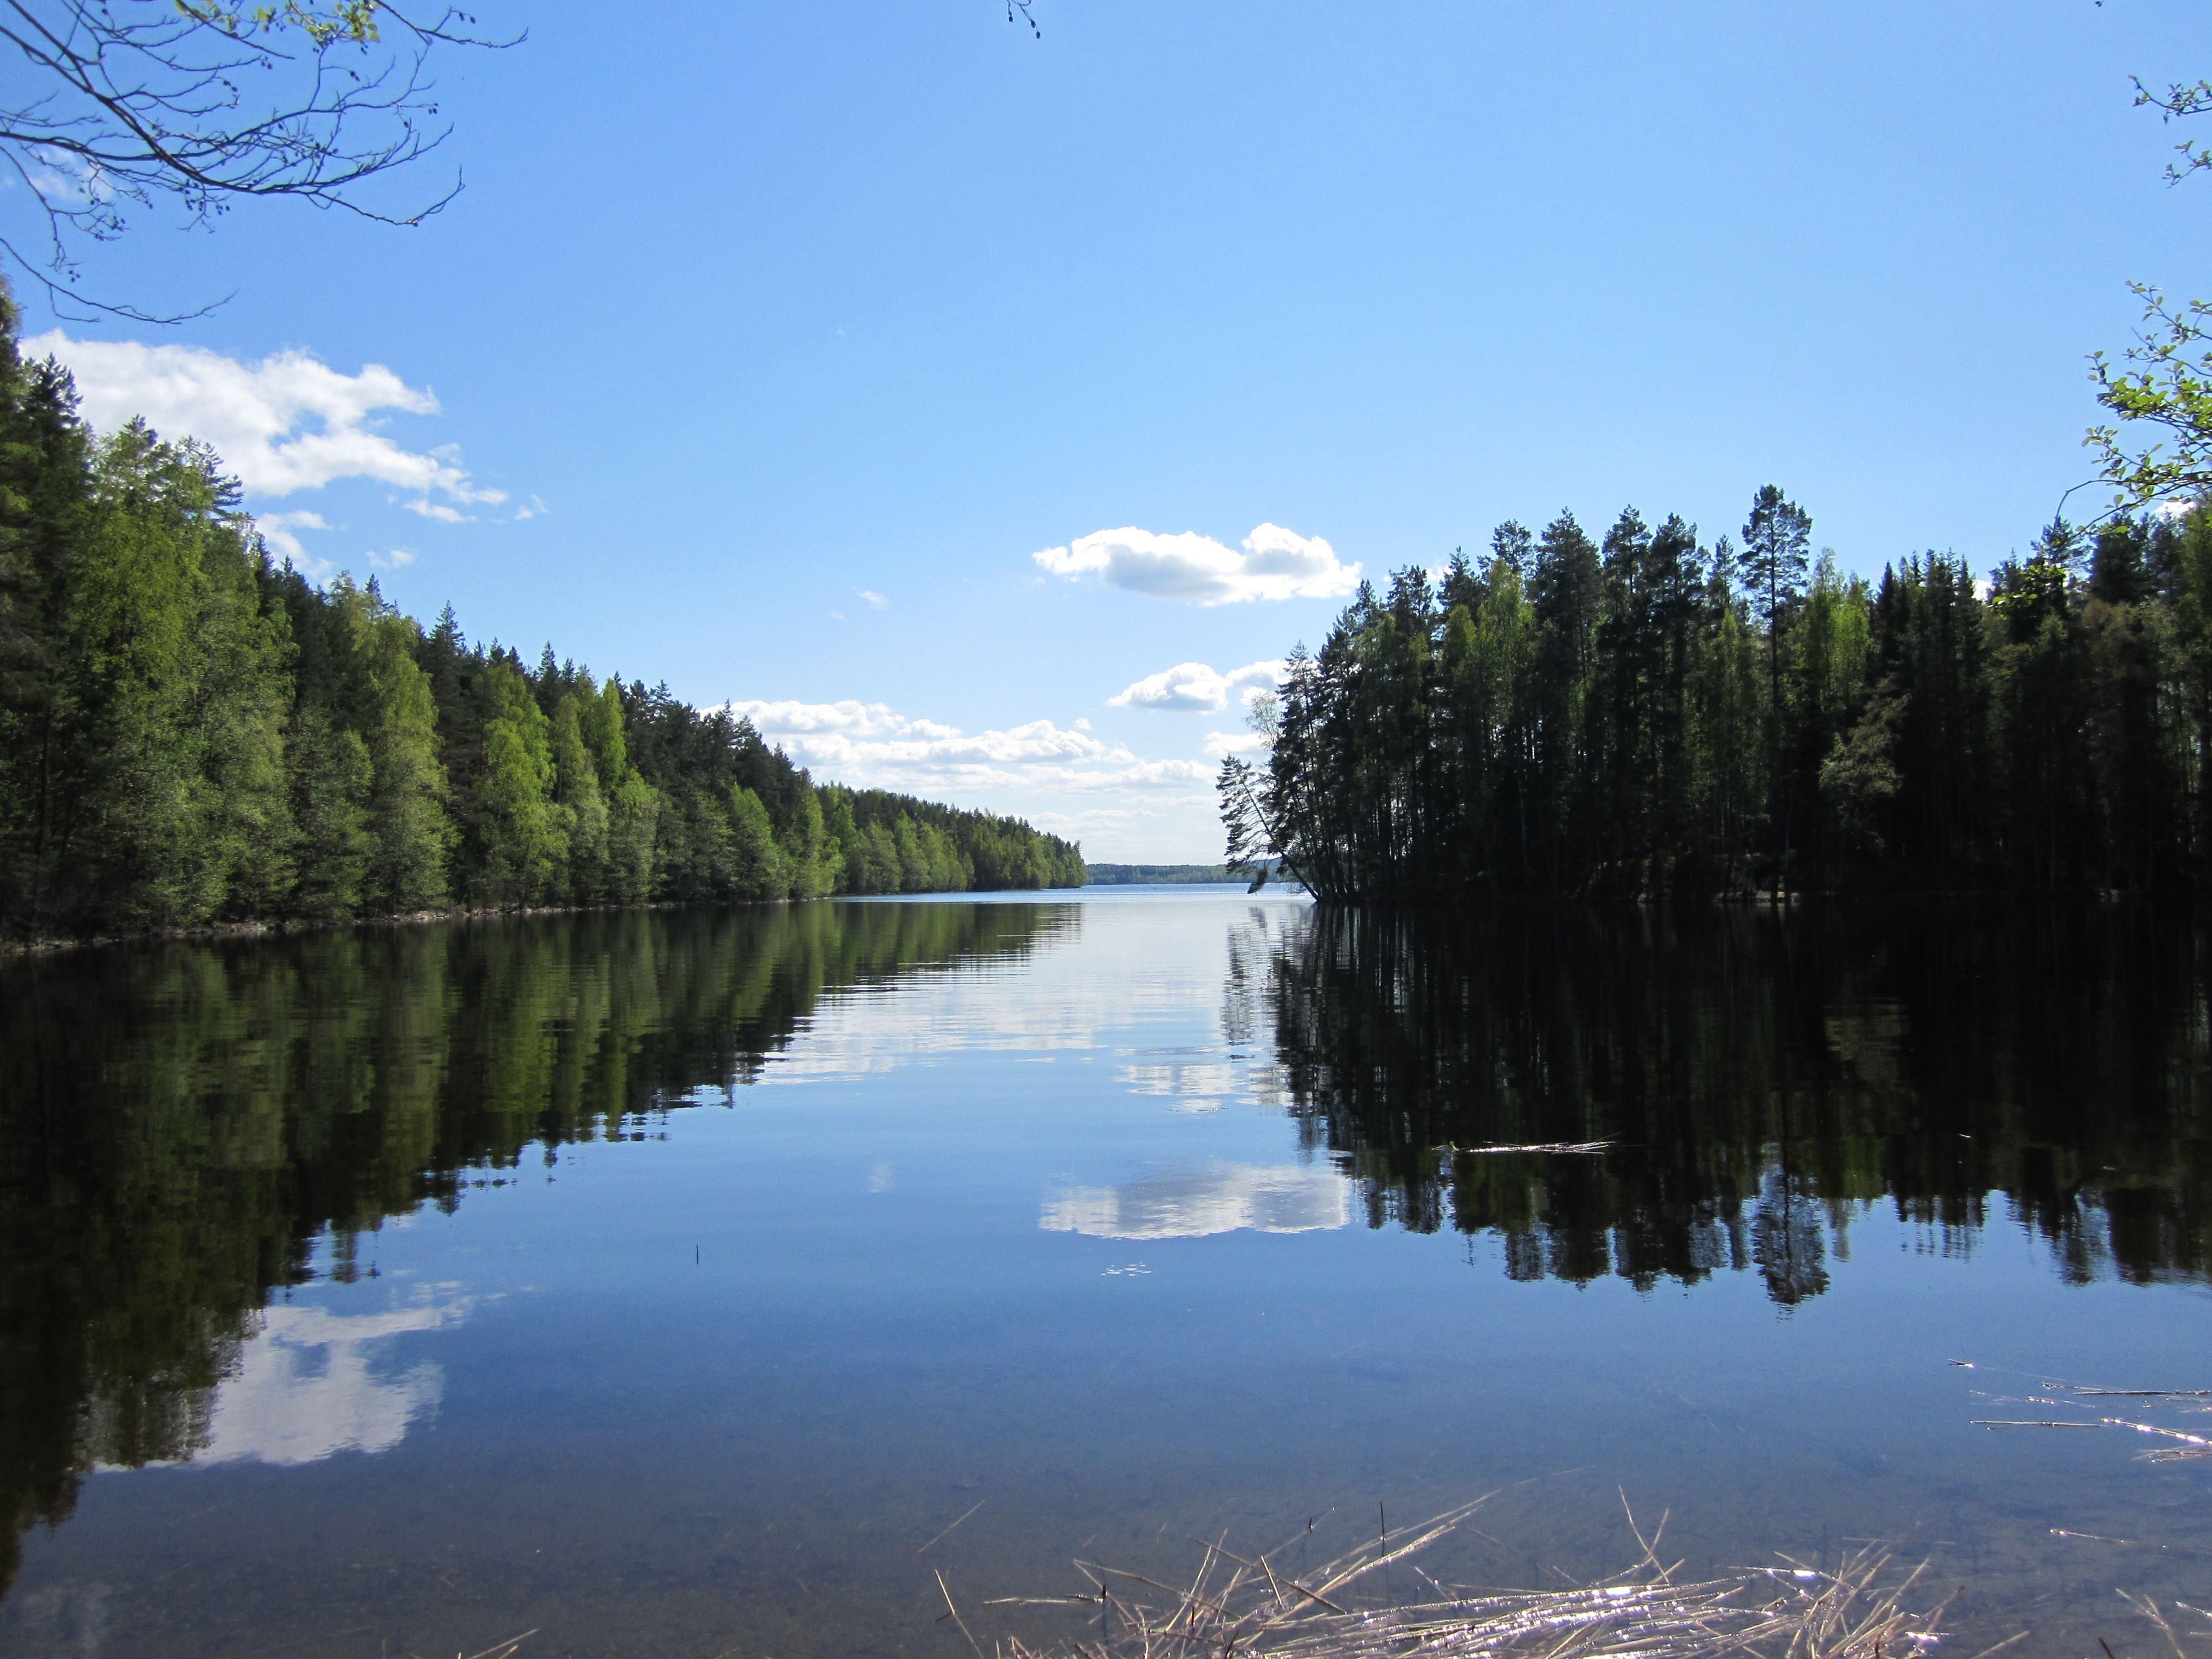 Lake Päijänne Boat Cruise | Kiuasniemi Marina